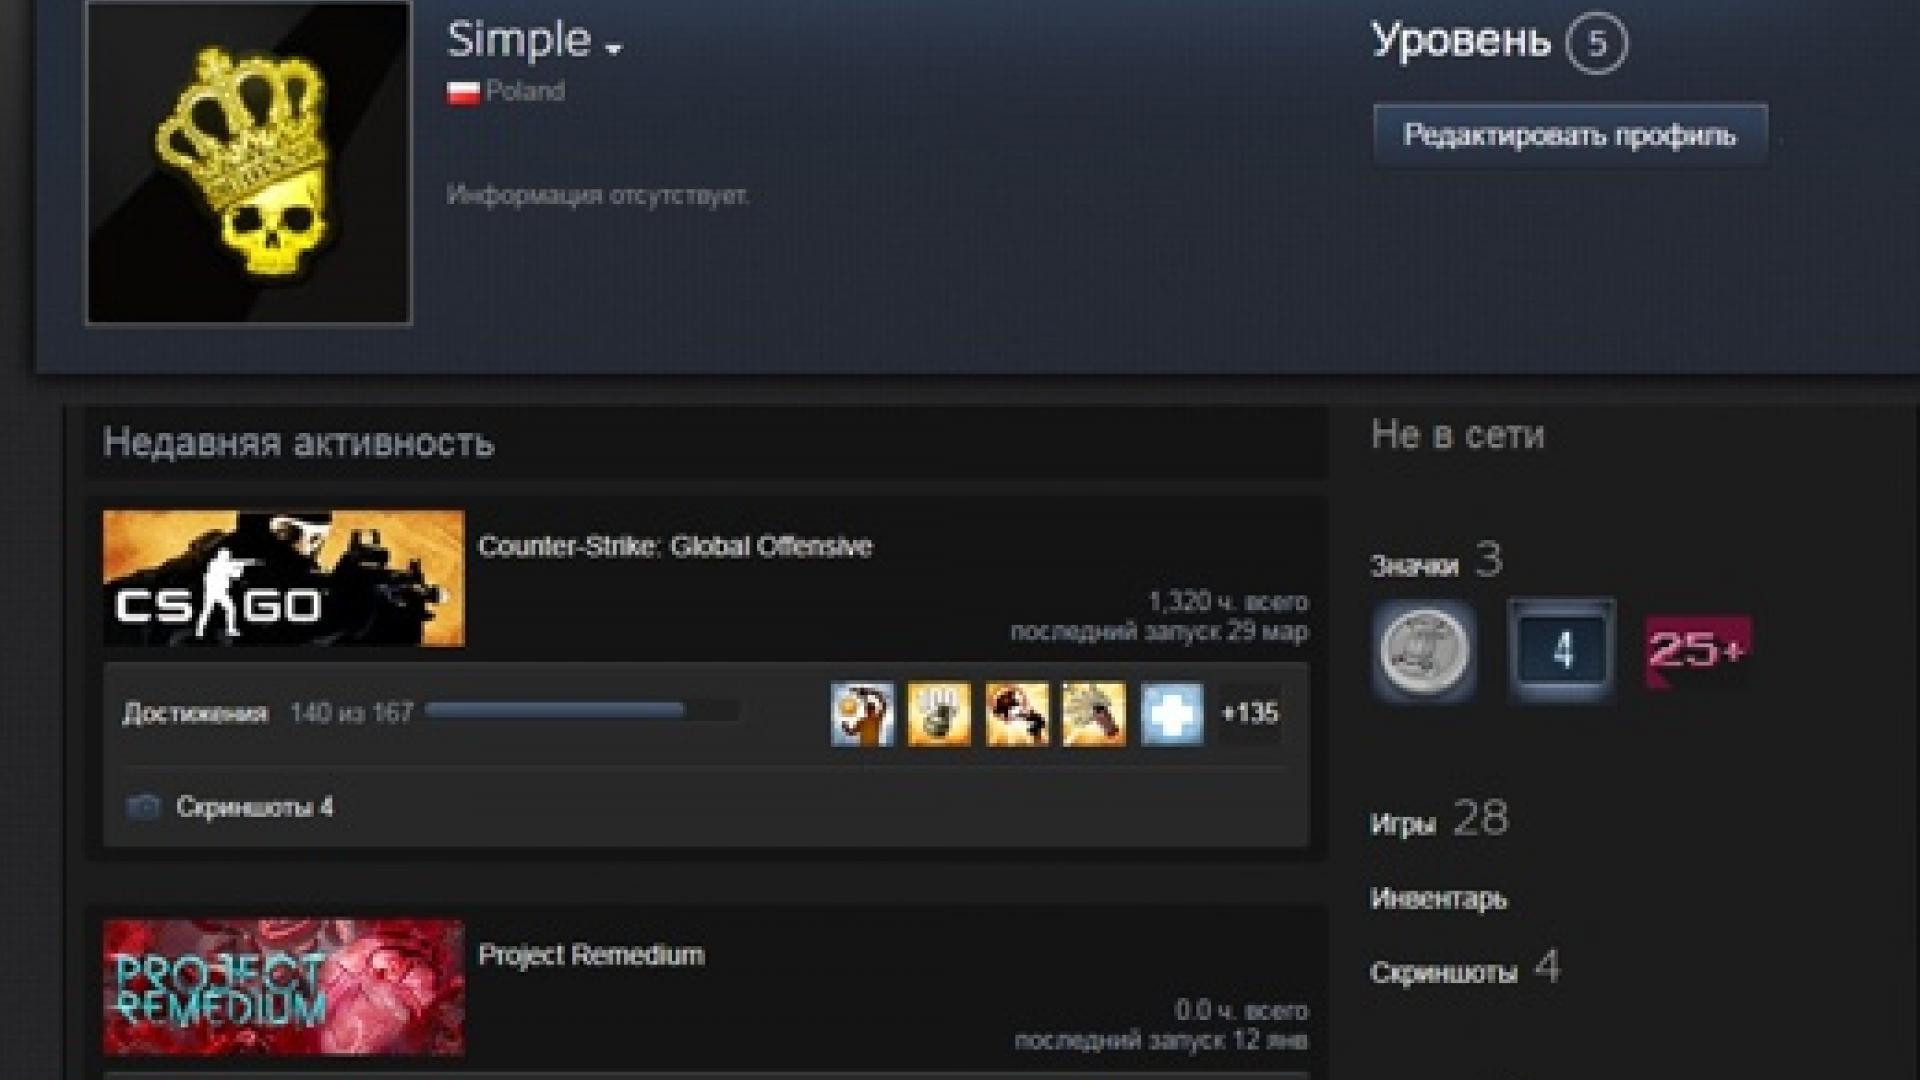 CS:GO PRIME 1300 часов + инвентарь 3300 рублей